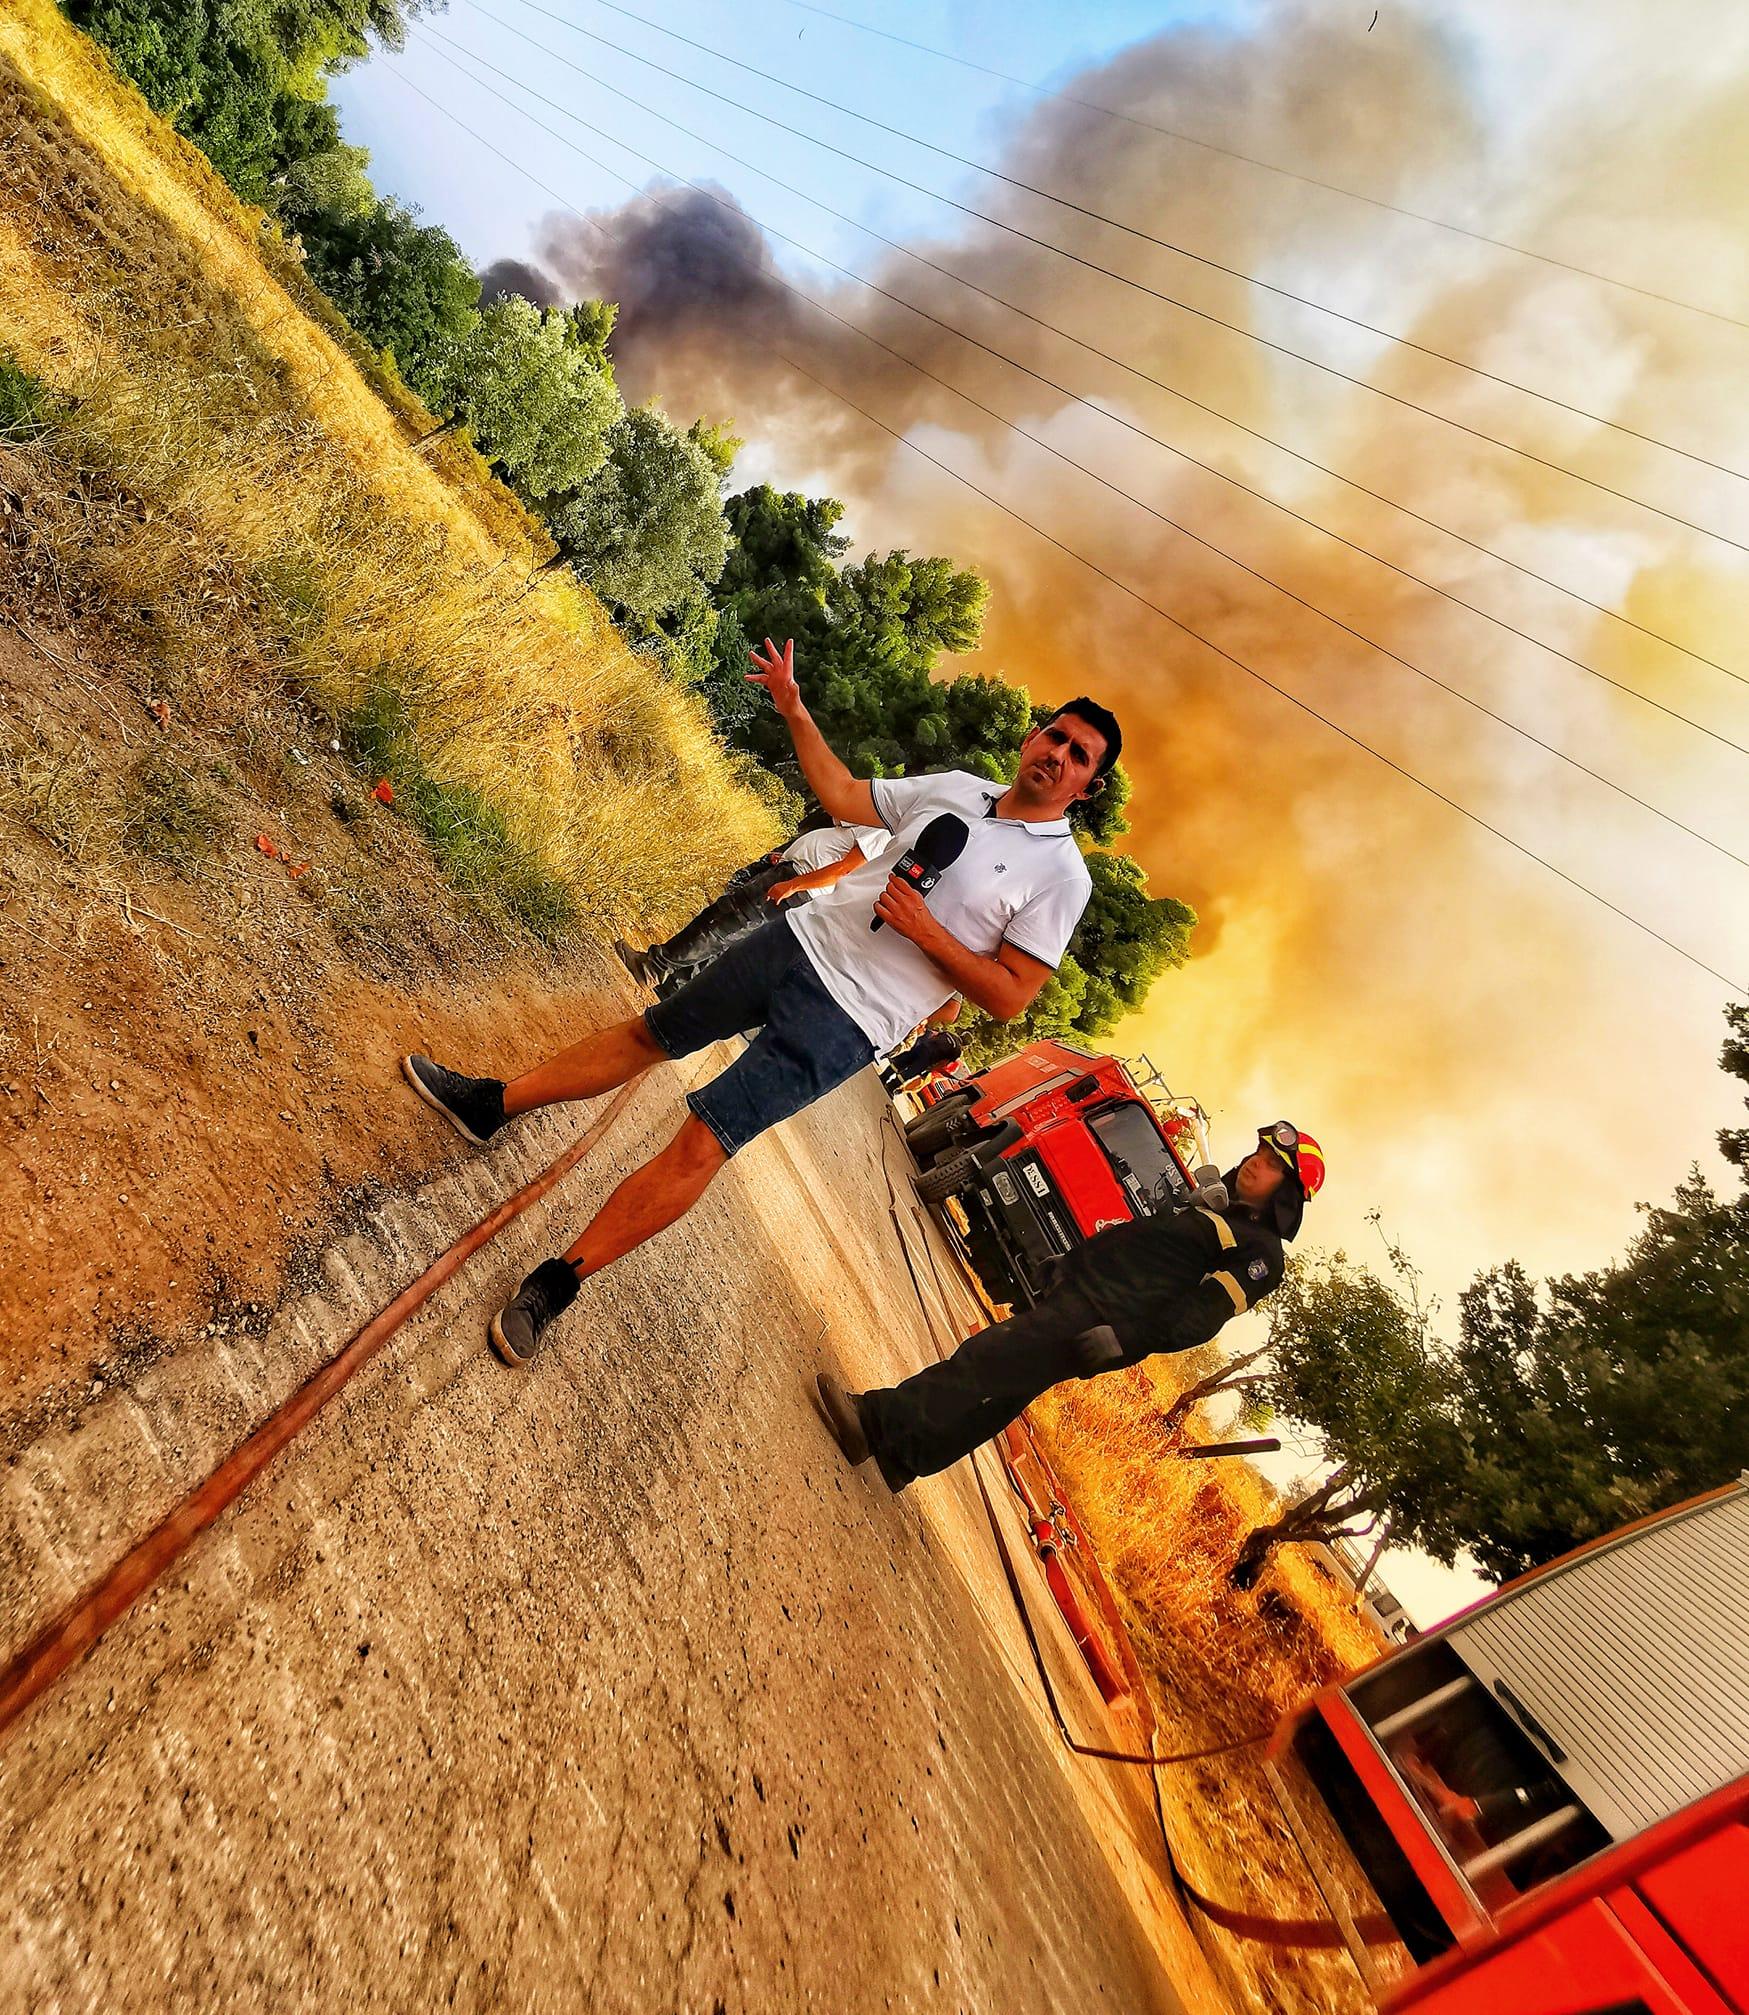 Giornalista rumeno dagli incendi: le aree residenziali avrebbero dovuto essere prioritarie - la Grecia ne uscirà più forte